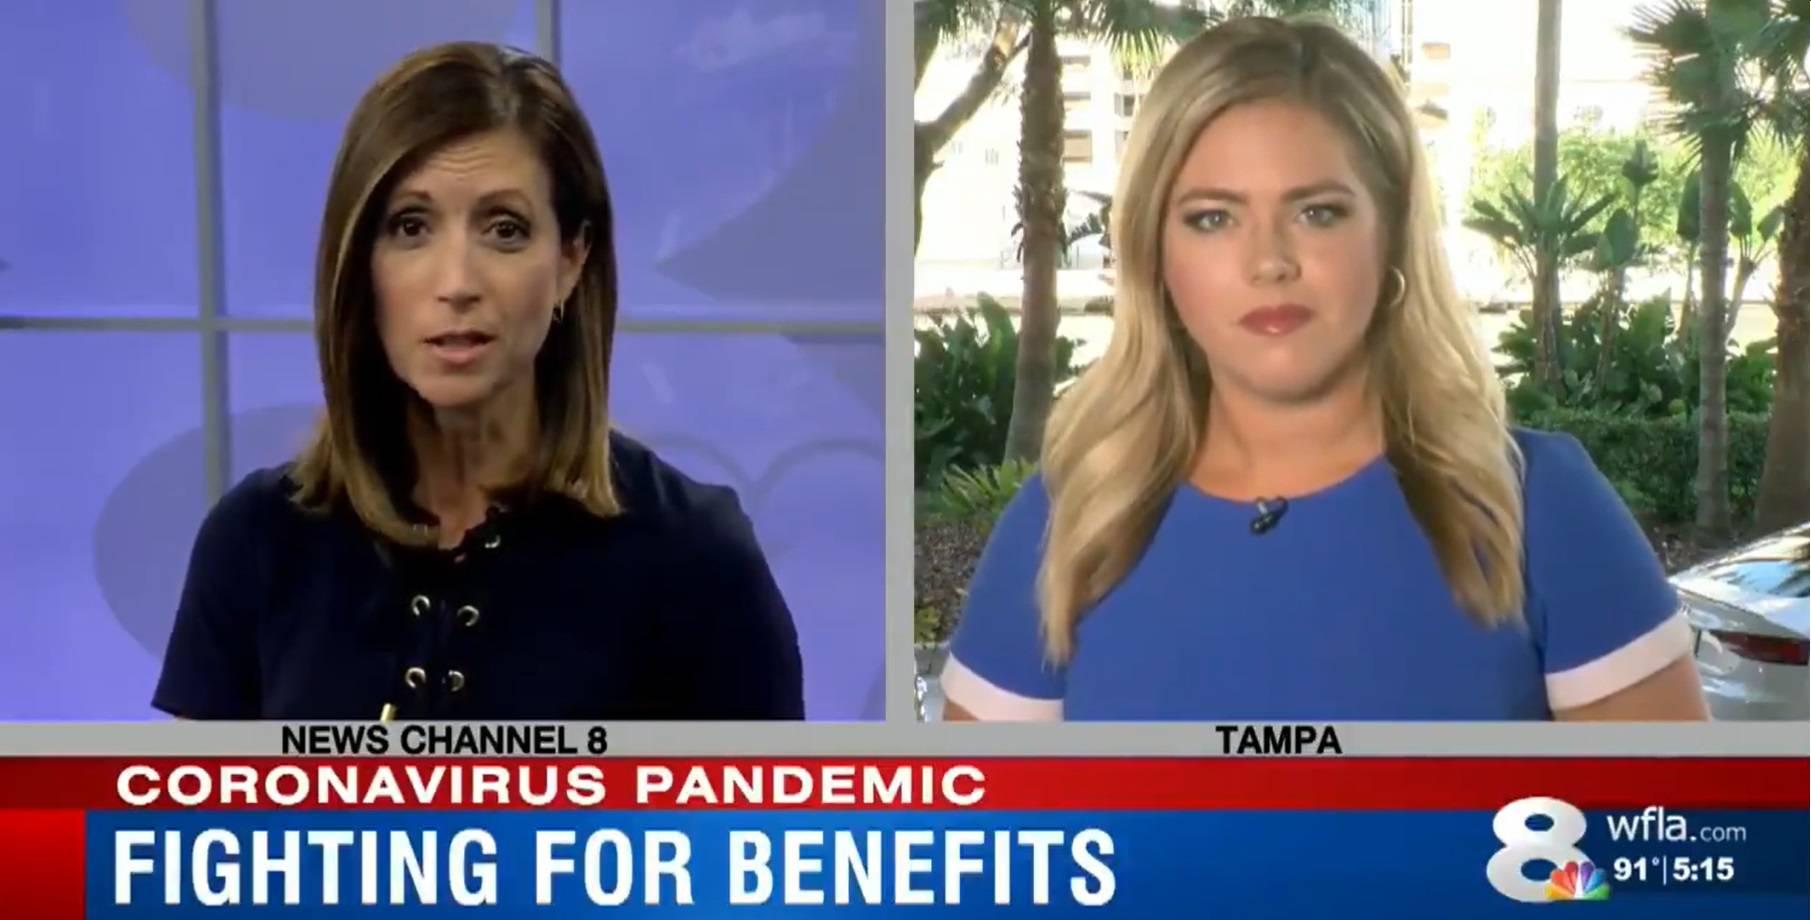 Gledateljica uočila kvržicu na novinarki pa joj poslala mail upozorenja da možda ima rak...